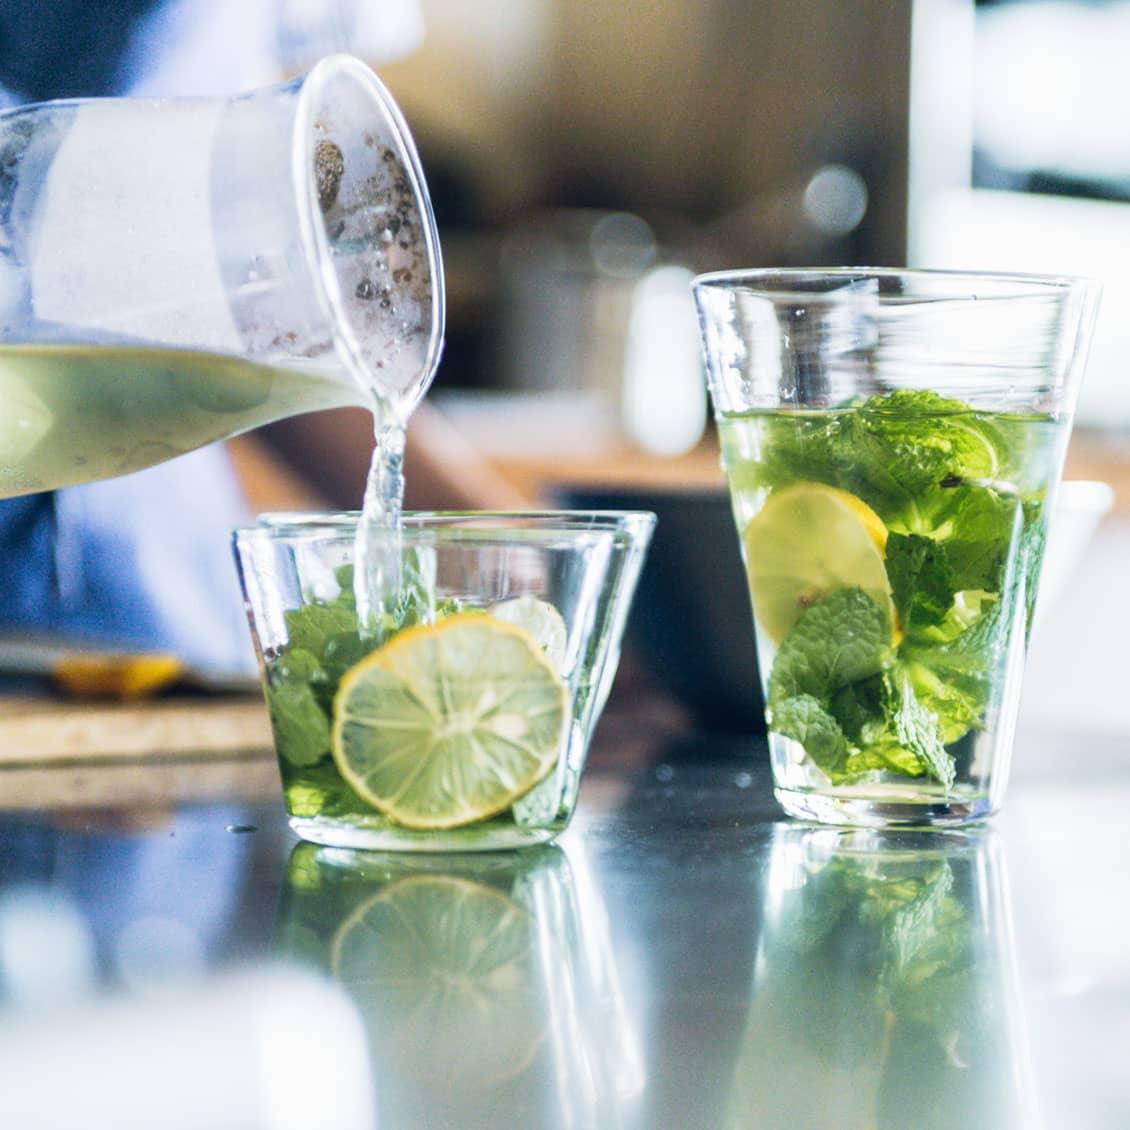 水 出し 緑茶 危険 酸化した緑茶は体に悪い?お茶を水筒で持ち歩く4つの注意点